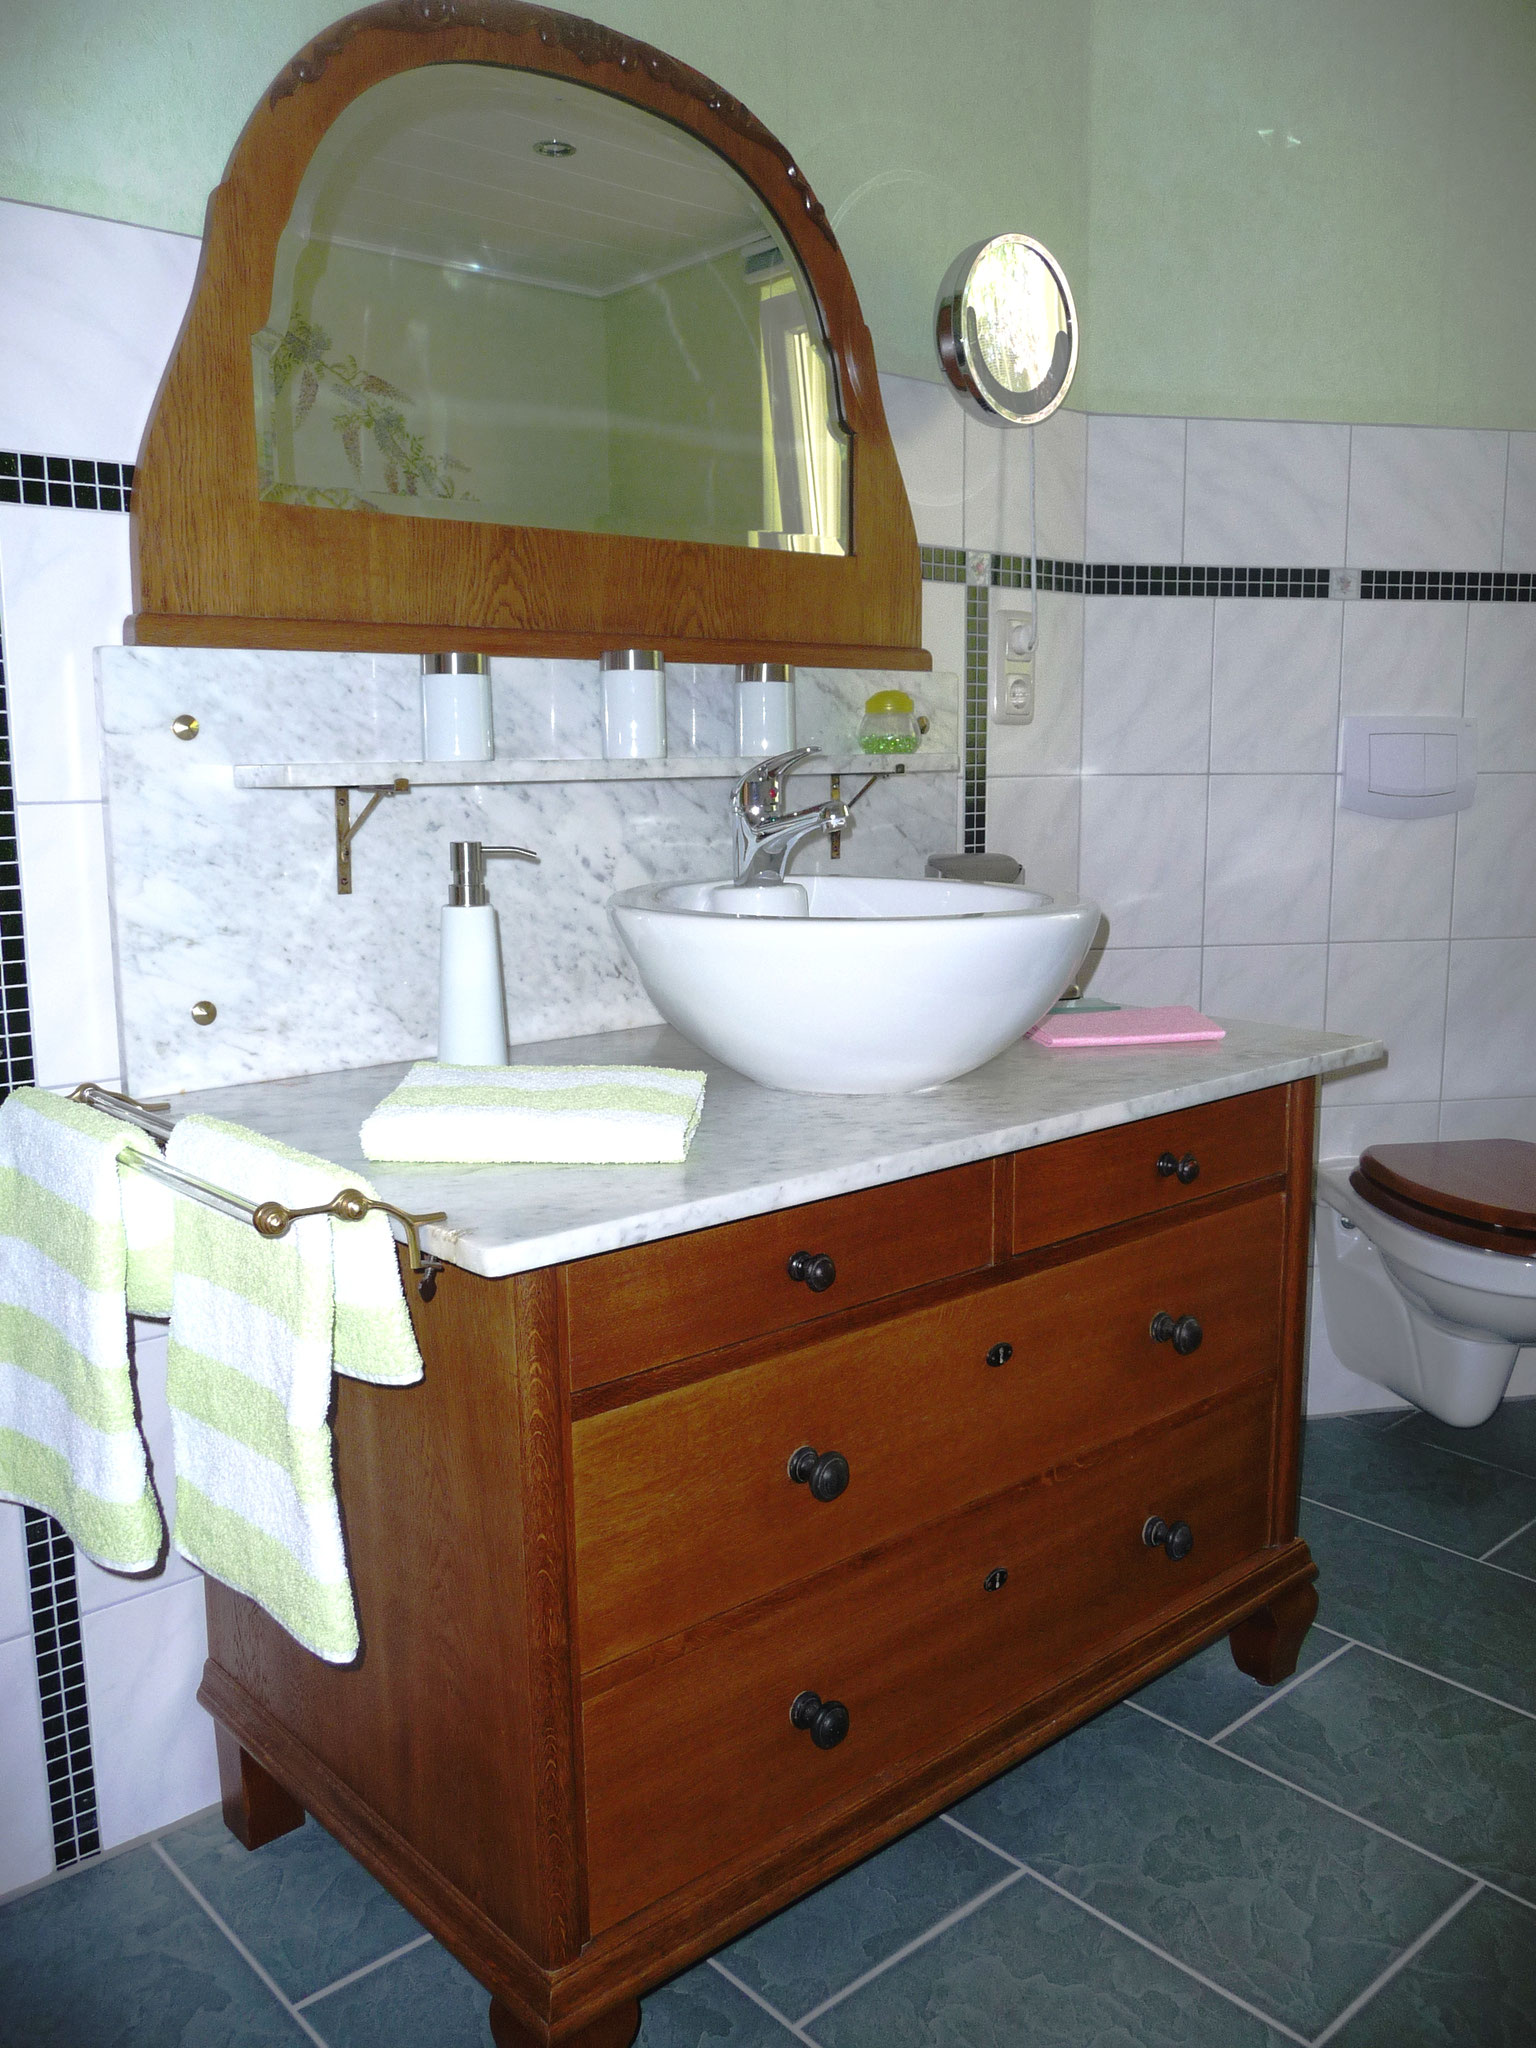 Der Waschtisch aus der Zeit um 1890 mit Marmorplatte und aufgesetztem Waschbecken ist kunstvoll aufgearbeitet und modern ausgestattet.